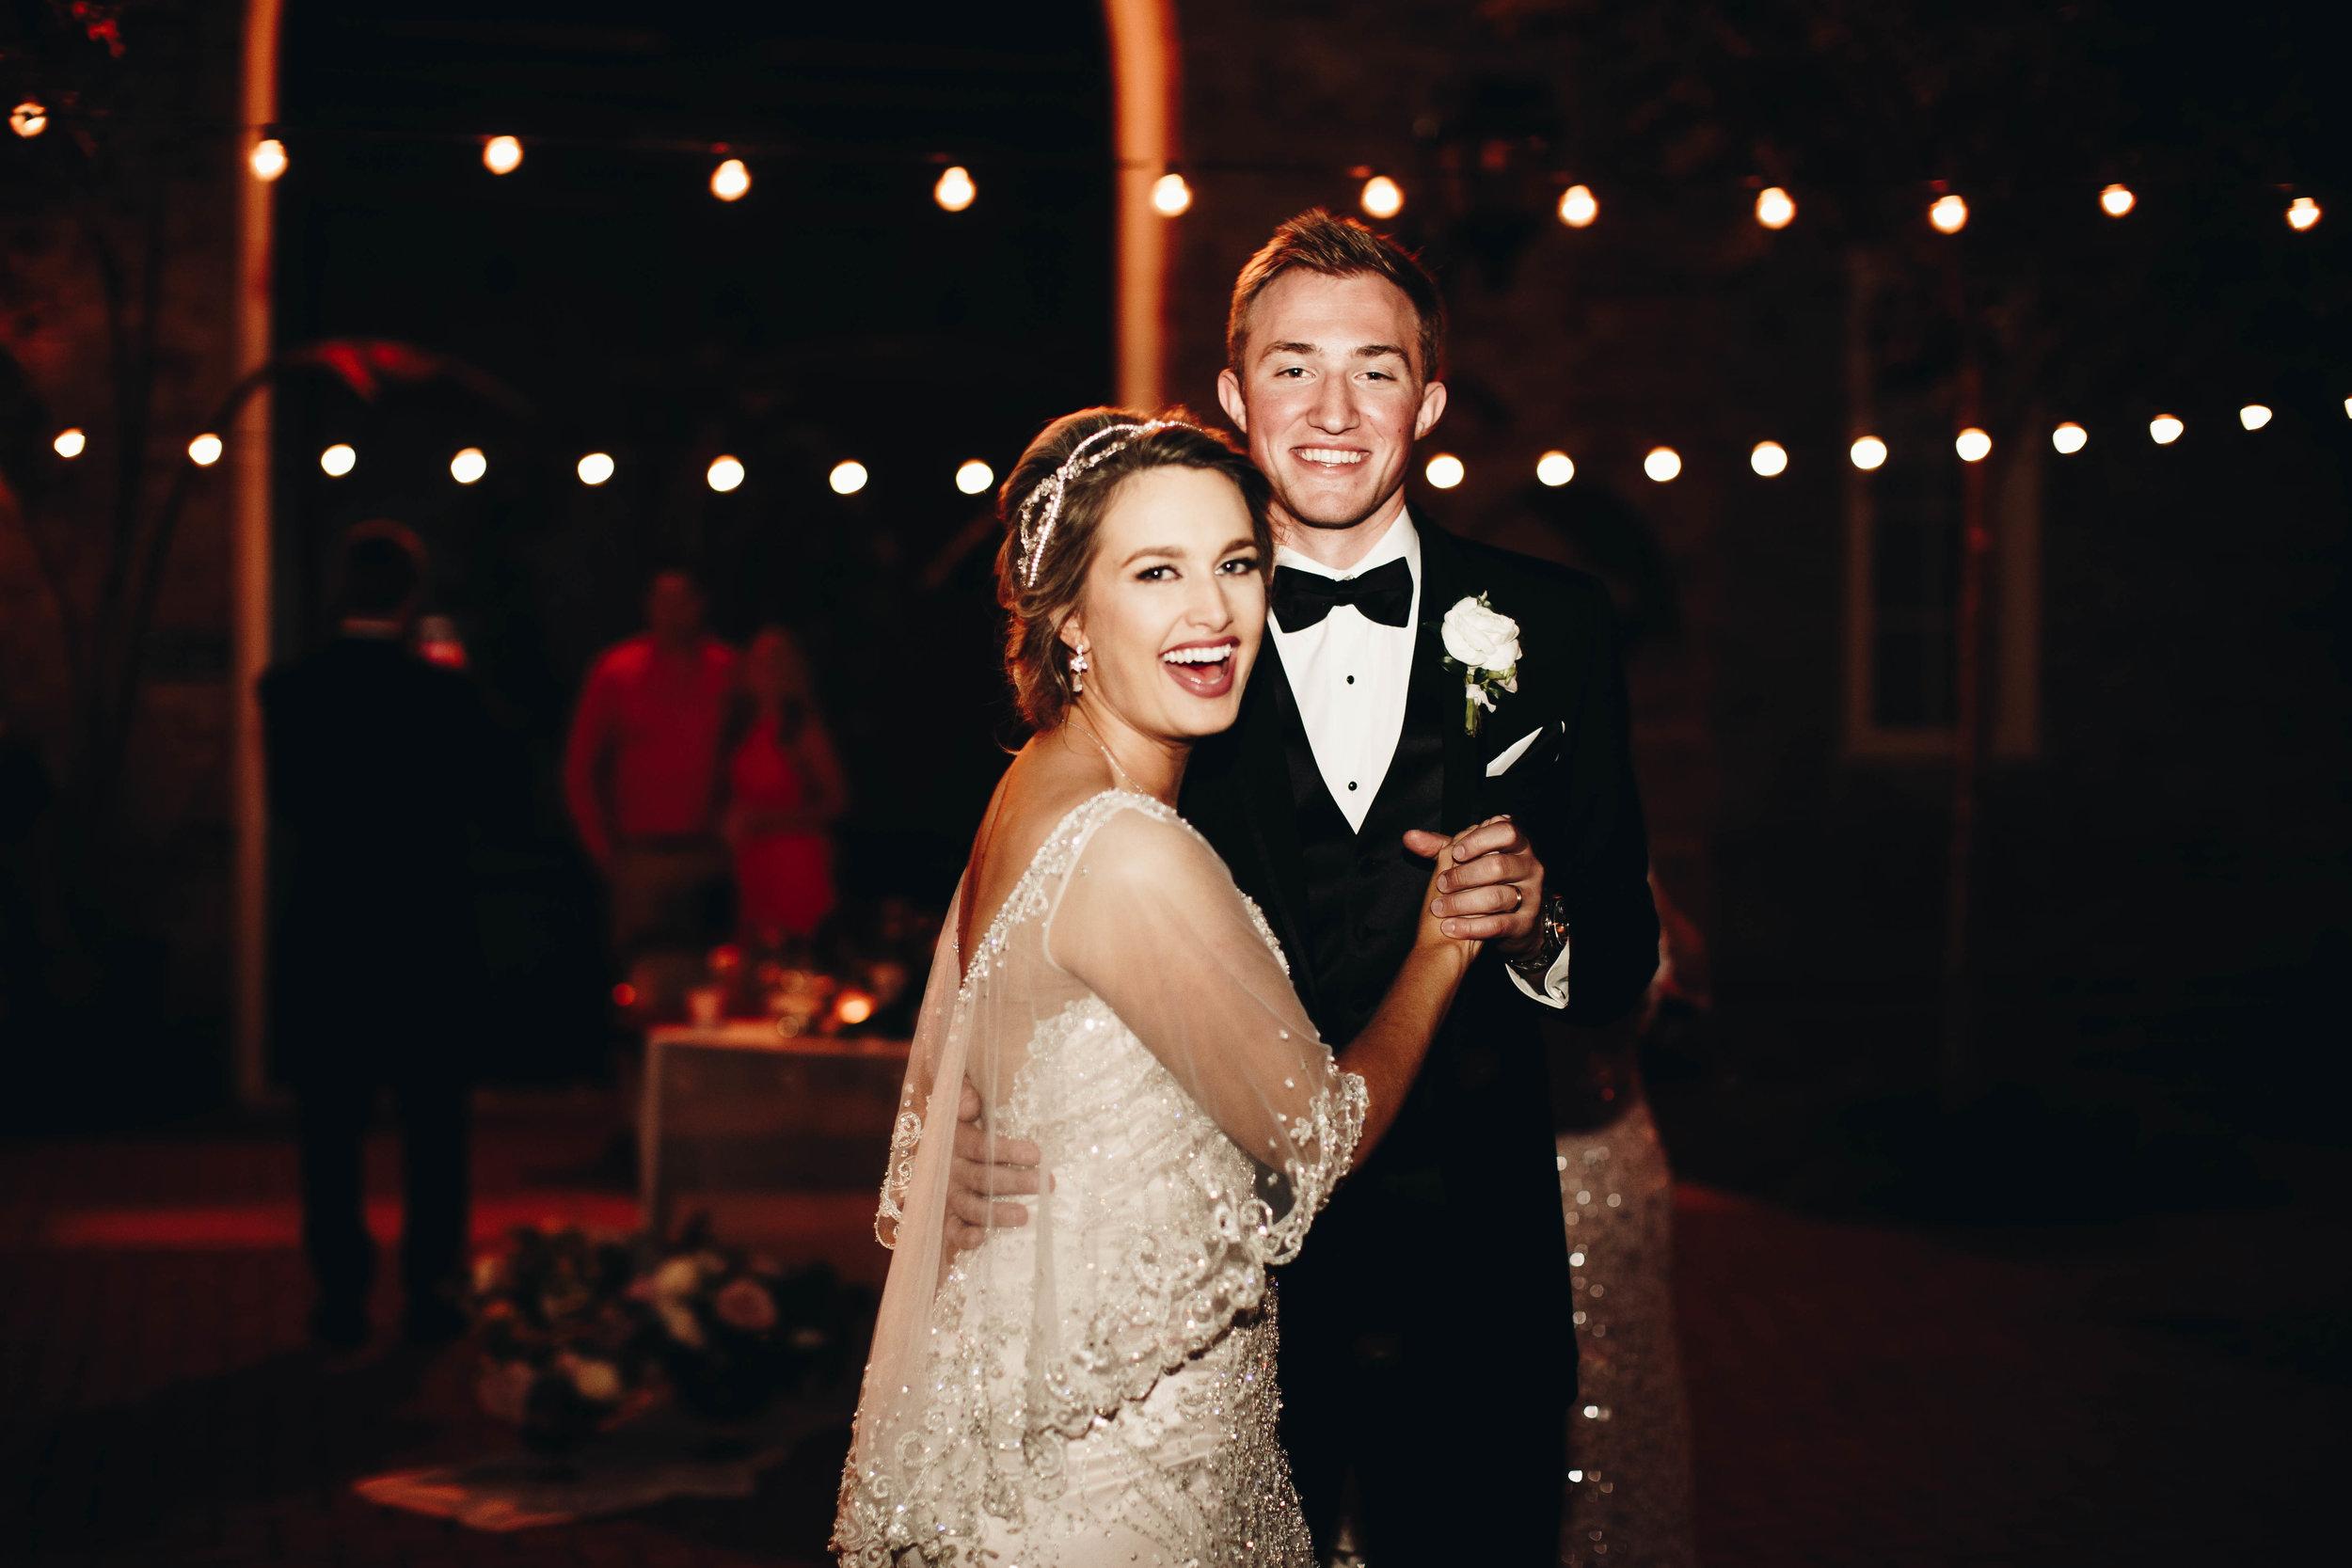 Cincinnati+wedding+photographer-78.jpeg